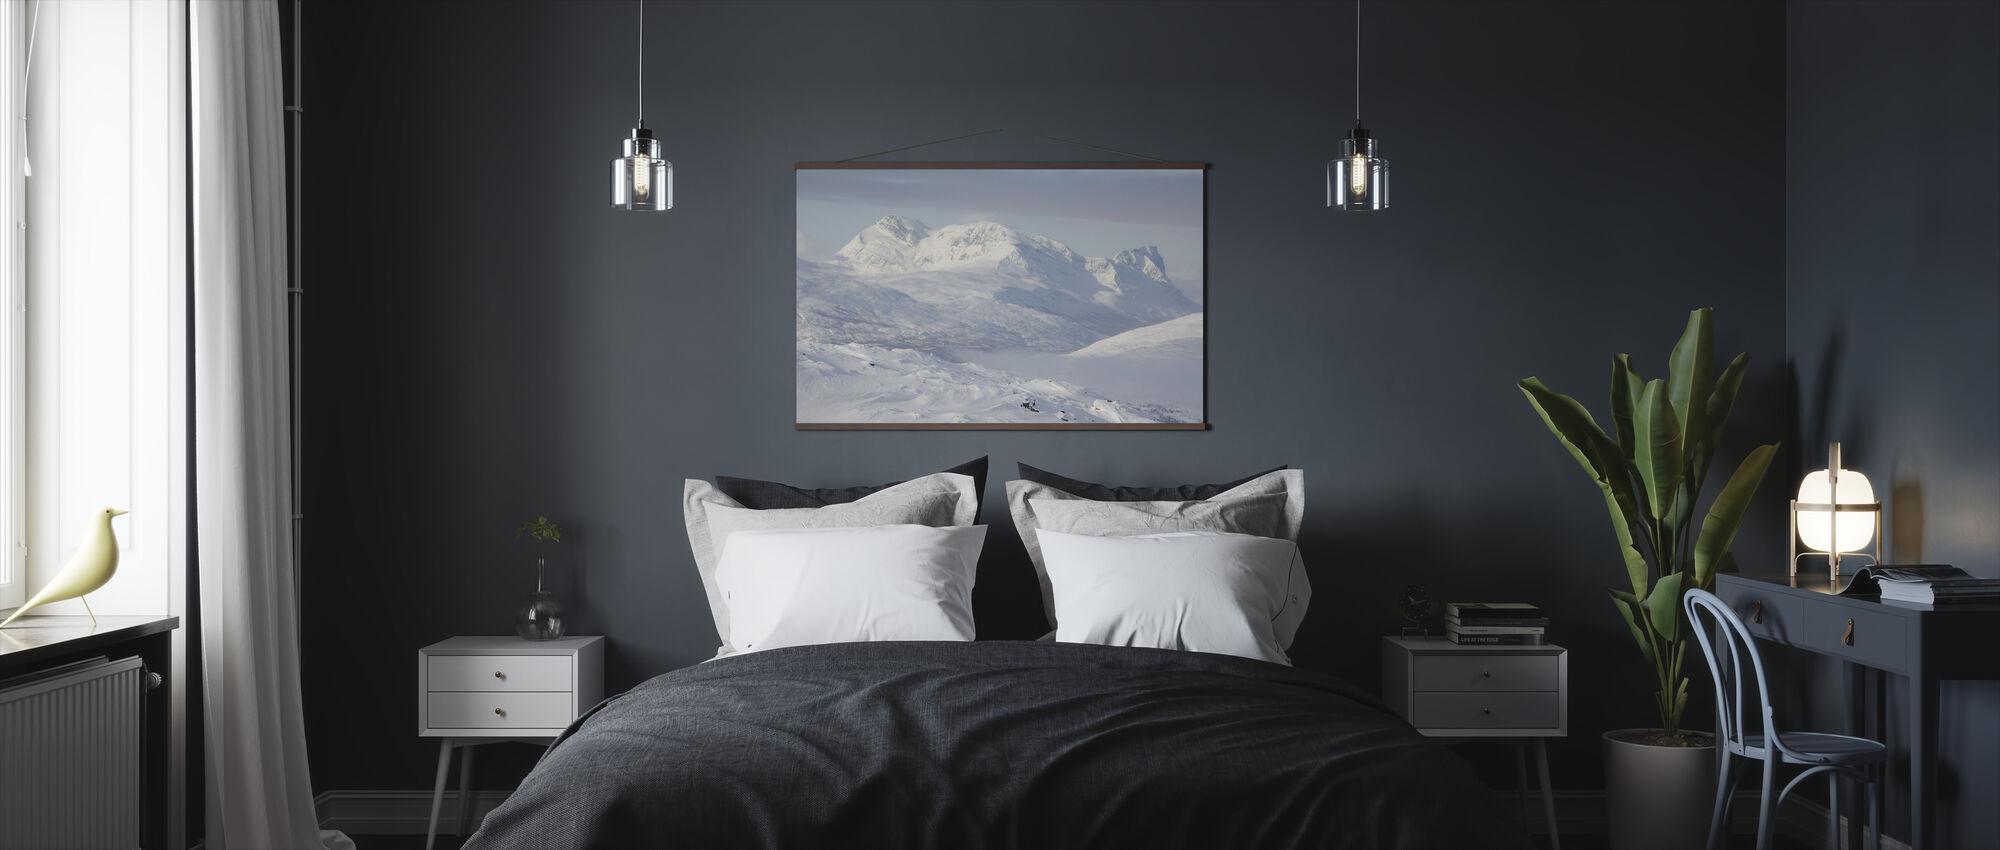 Snødekte Fjell i Lappland, Sverige - Plakat - Soverom